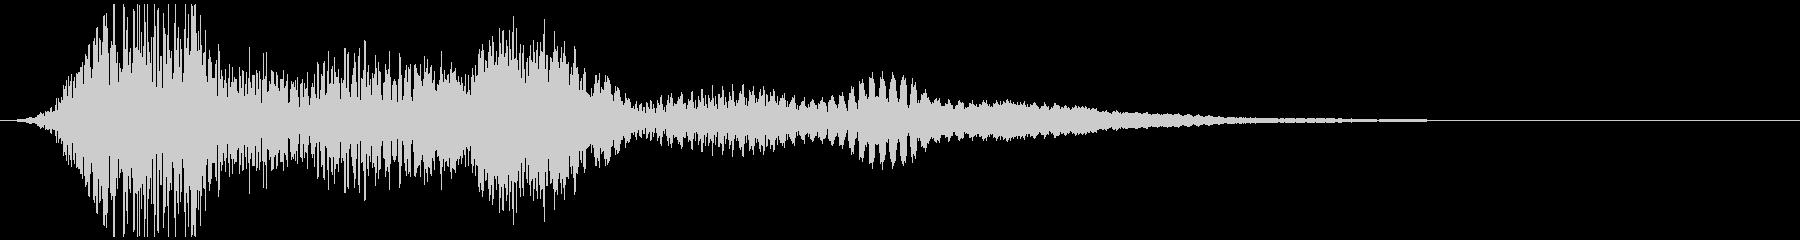 魔法・場面転換・注目・アイキャッチなどにの未再生の波形